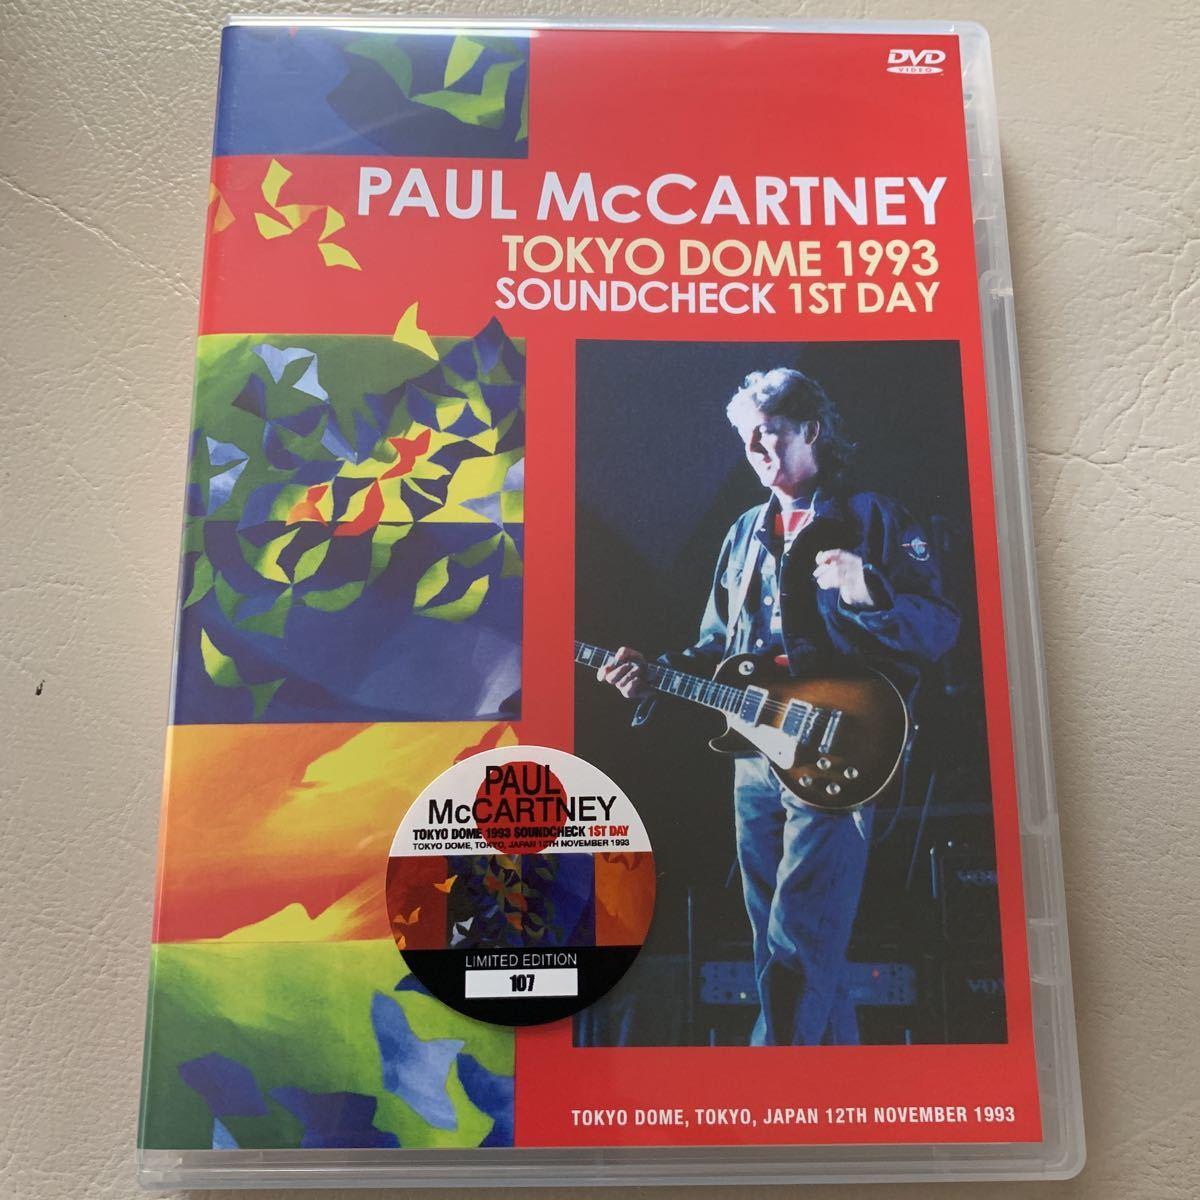 Paul McCartney Tokyo Dome 1993 Soundcheck 1st Day